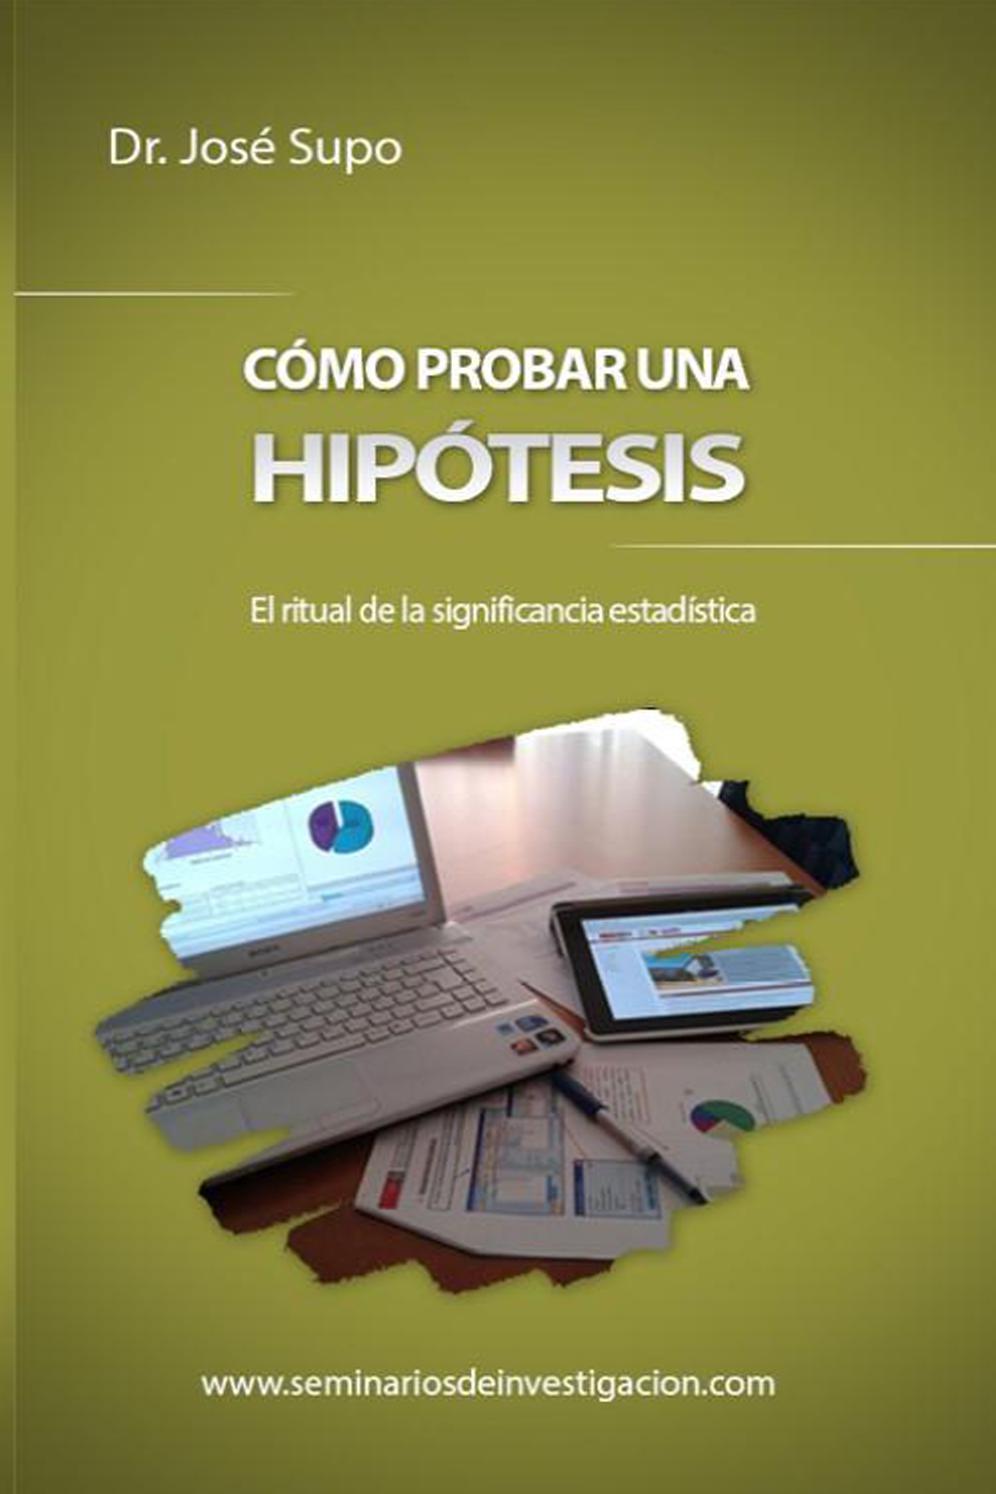 Cómo probar una hipótesis – Dr. José Supo